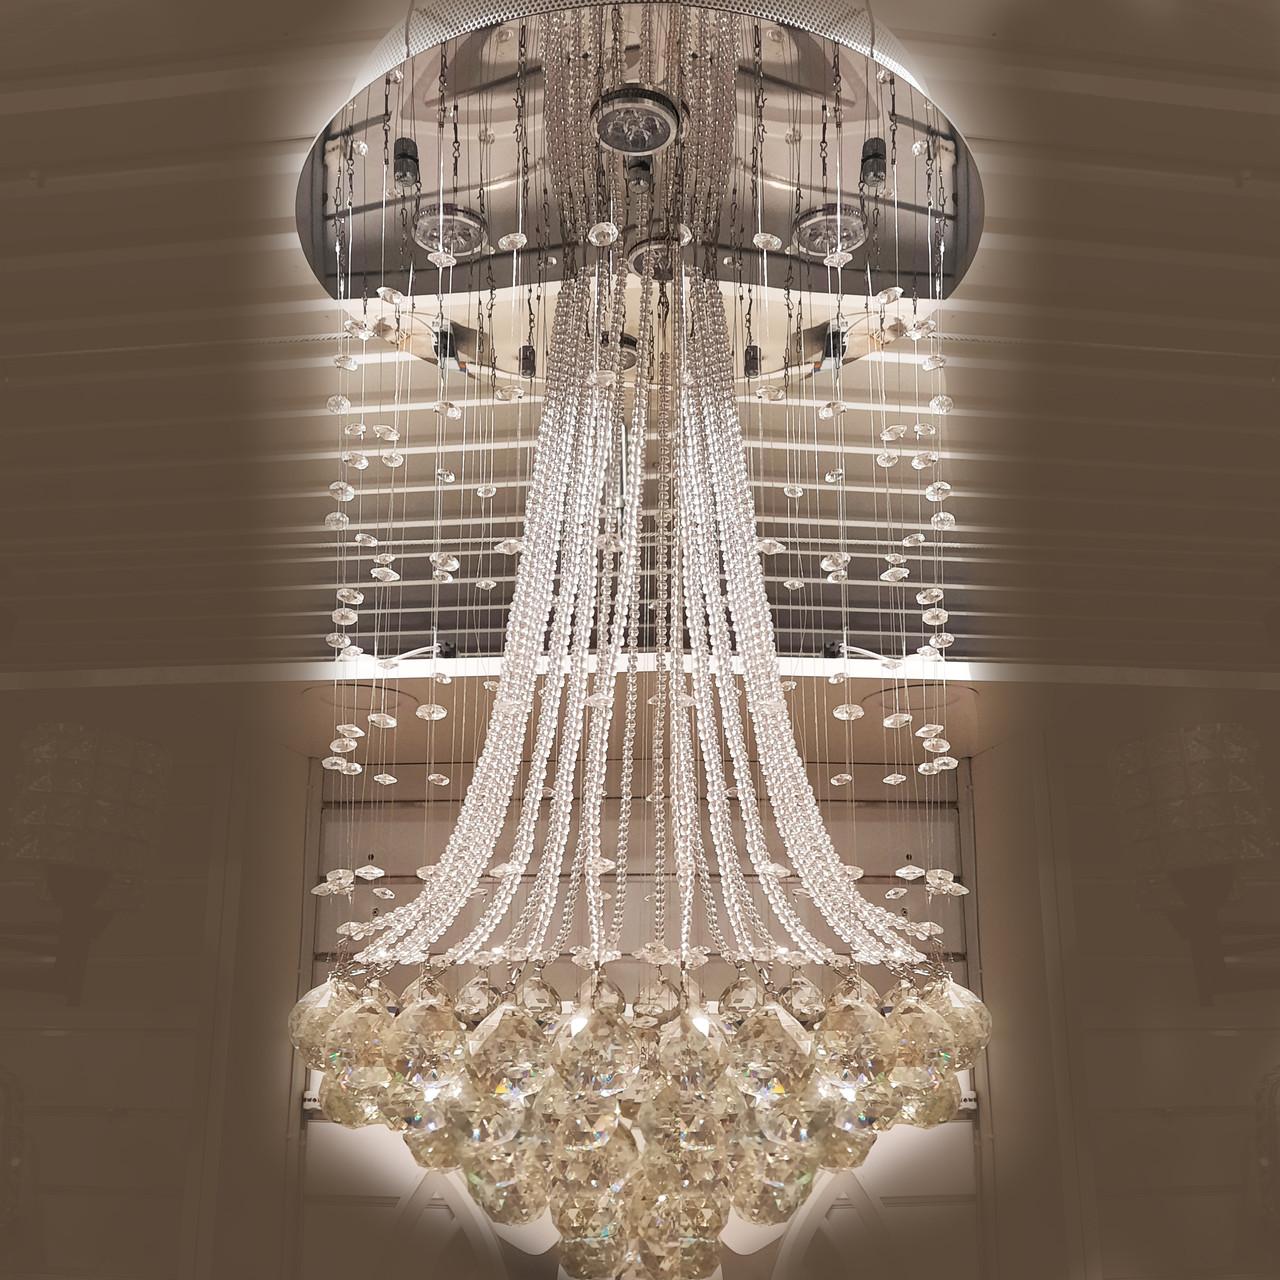 Люстра декоративна кришталева каскад на 6 лампочок 3161-6